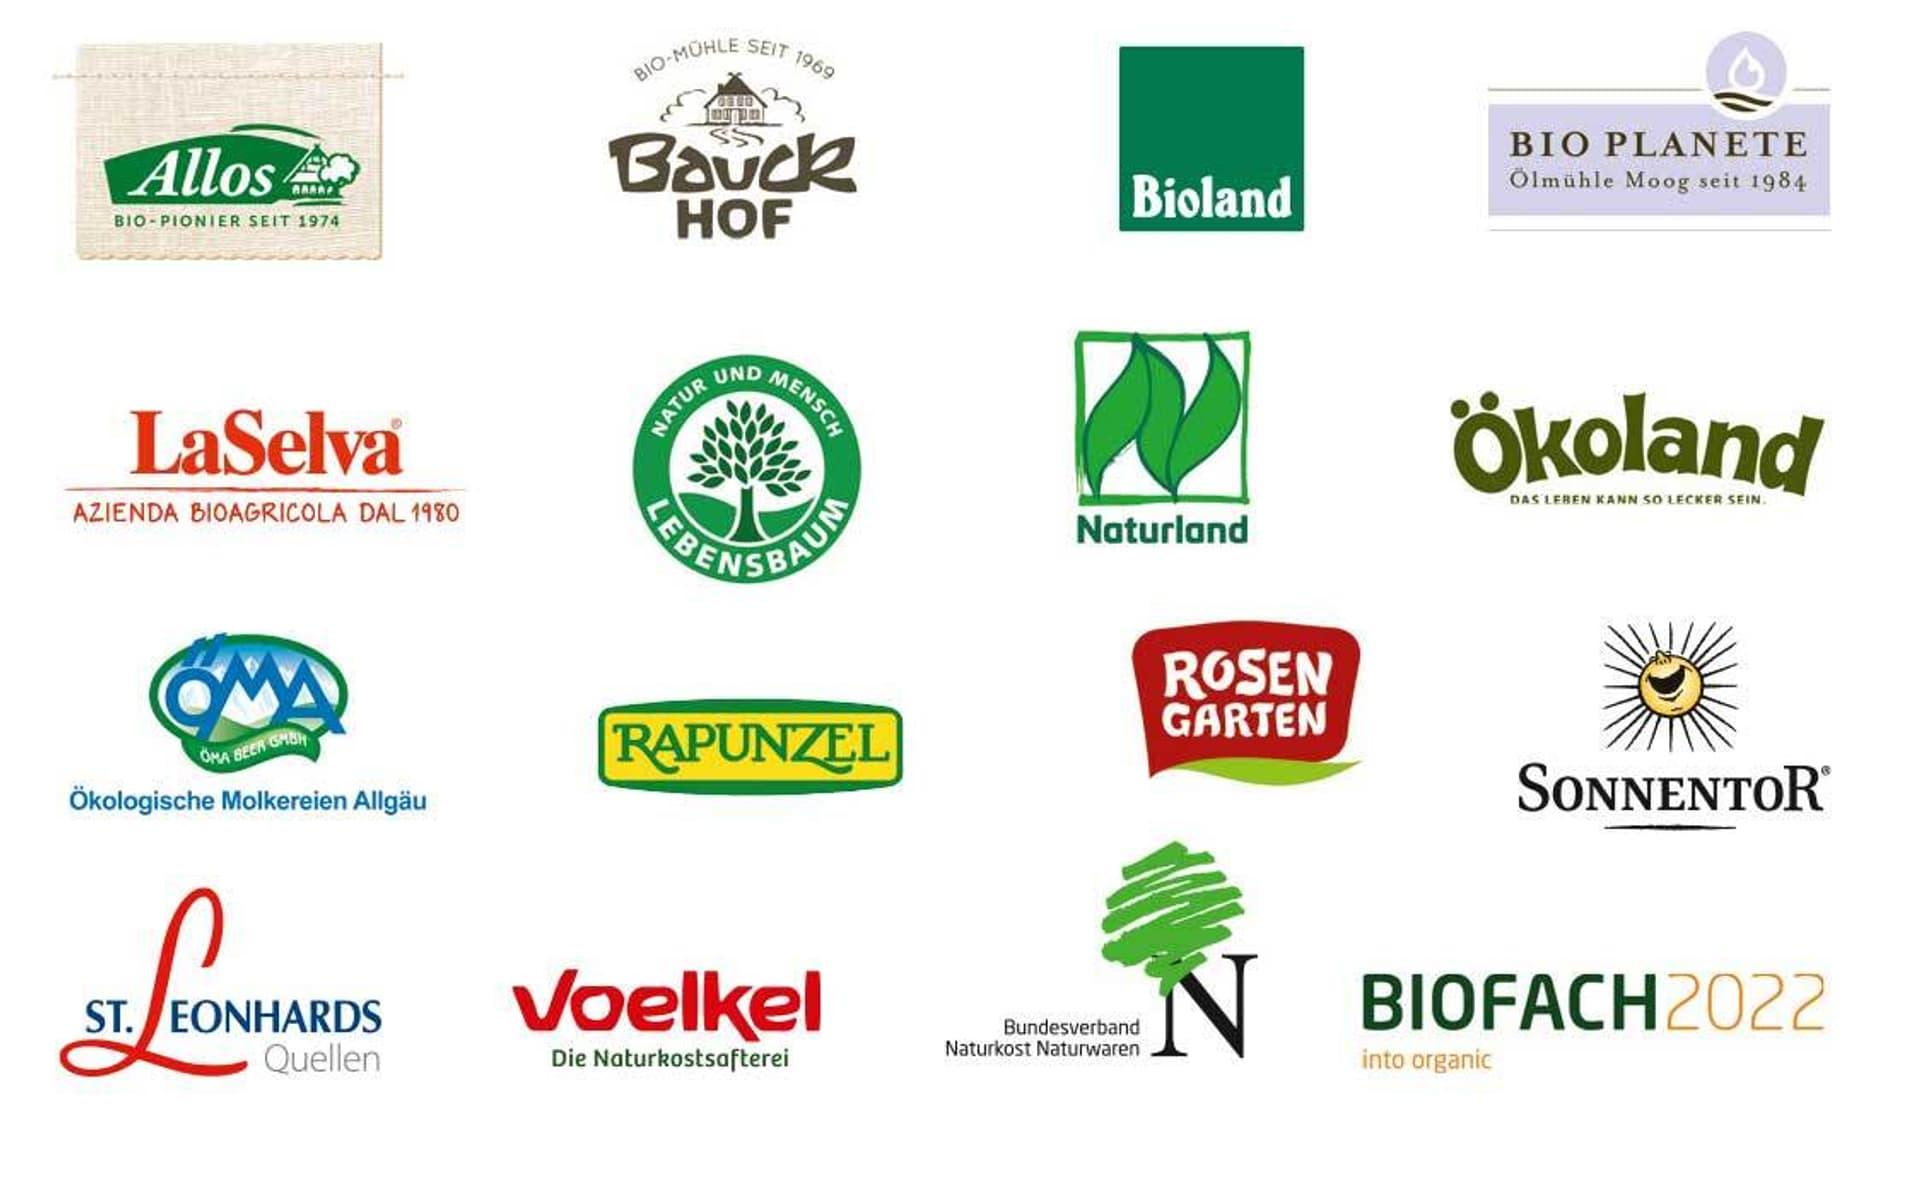 Beste Bio-Läden 2022 wurde von diesen Sponsoren gesponsort